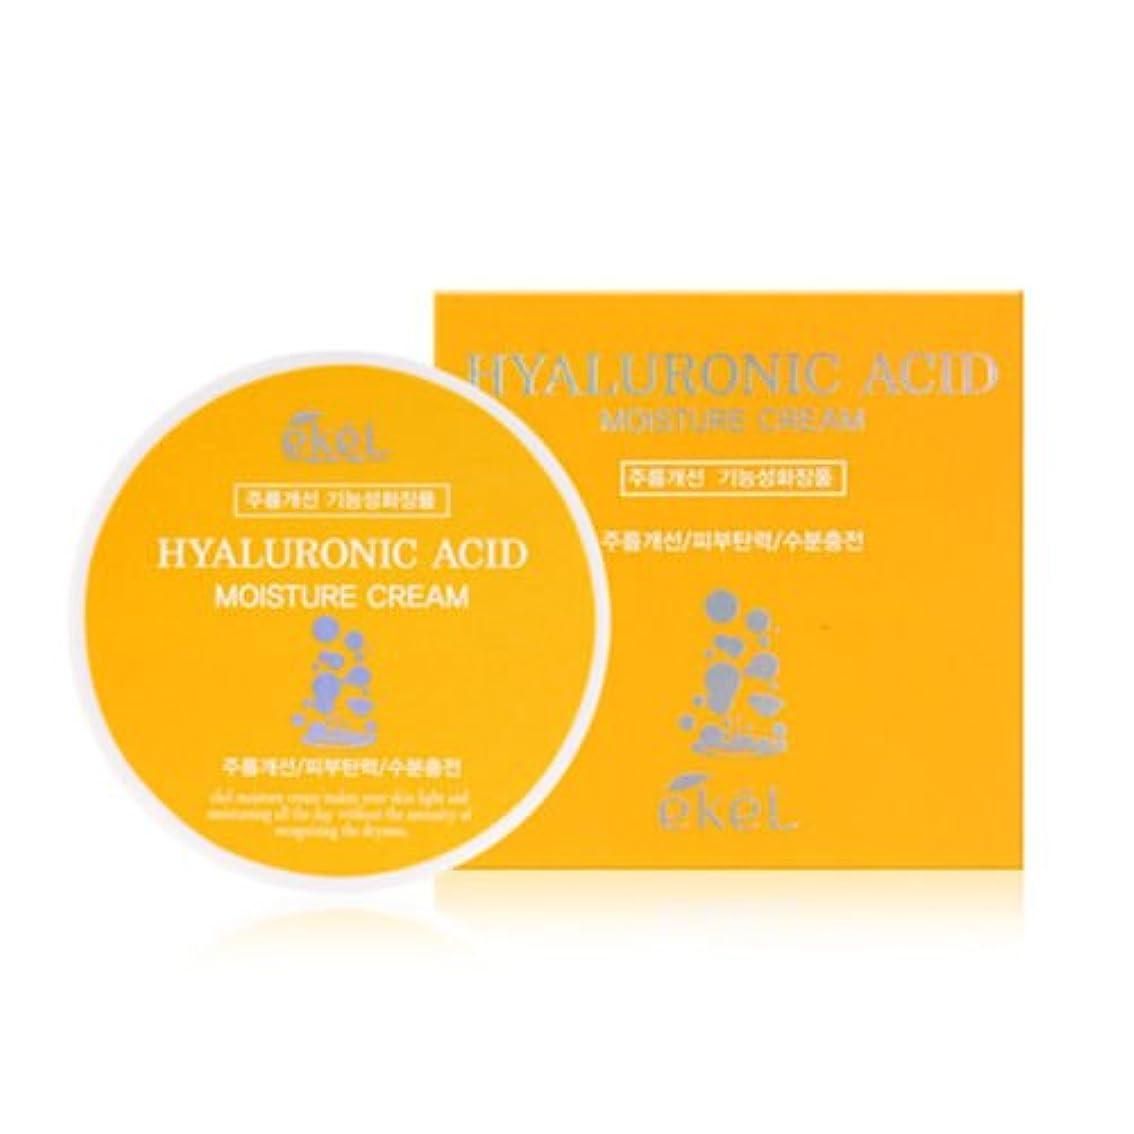 右アラーム正確イケル[韓国コスメEkel]Hyaluronic acid Moisture Cream ヒアルロン酸モイスチャークリーム100g [並行輸入品]